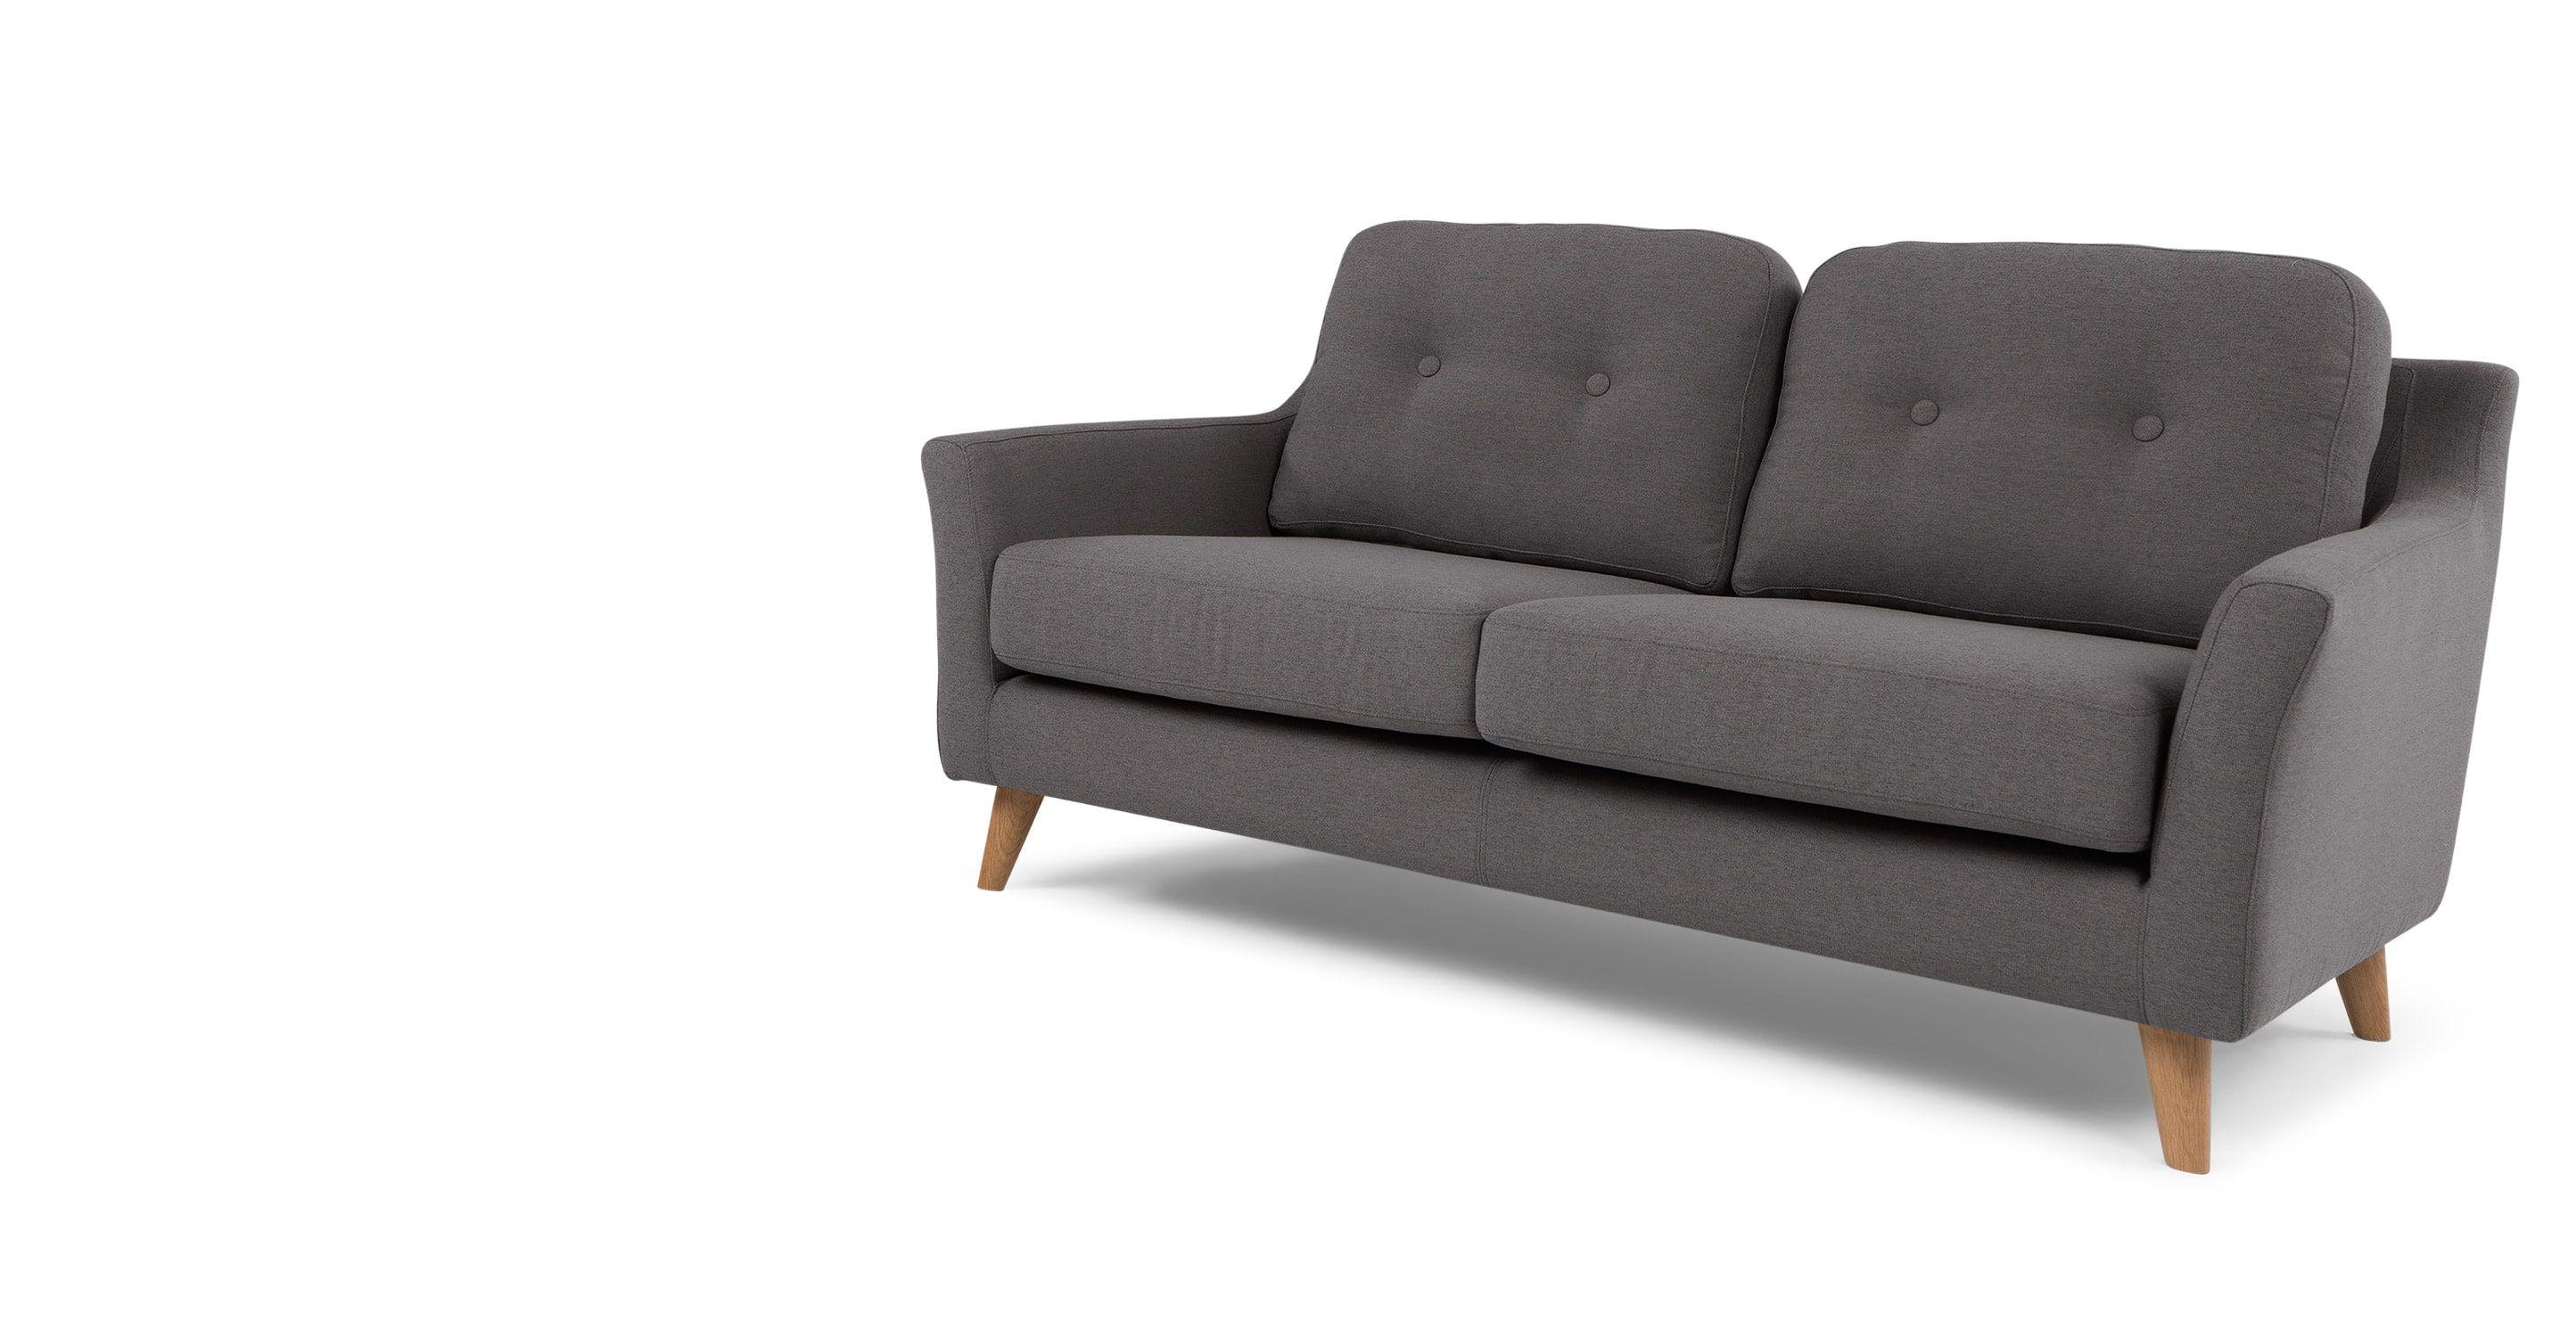 Rufus 2 Sitzer Sofa Nashorngrau Neues Design Fr Dein Wohnzimmer Entdecke Jetzt